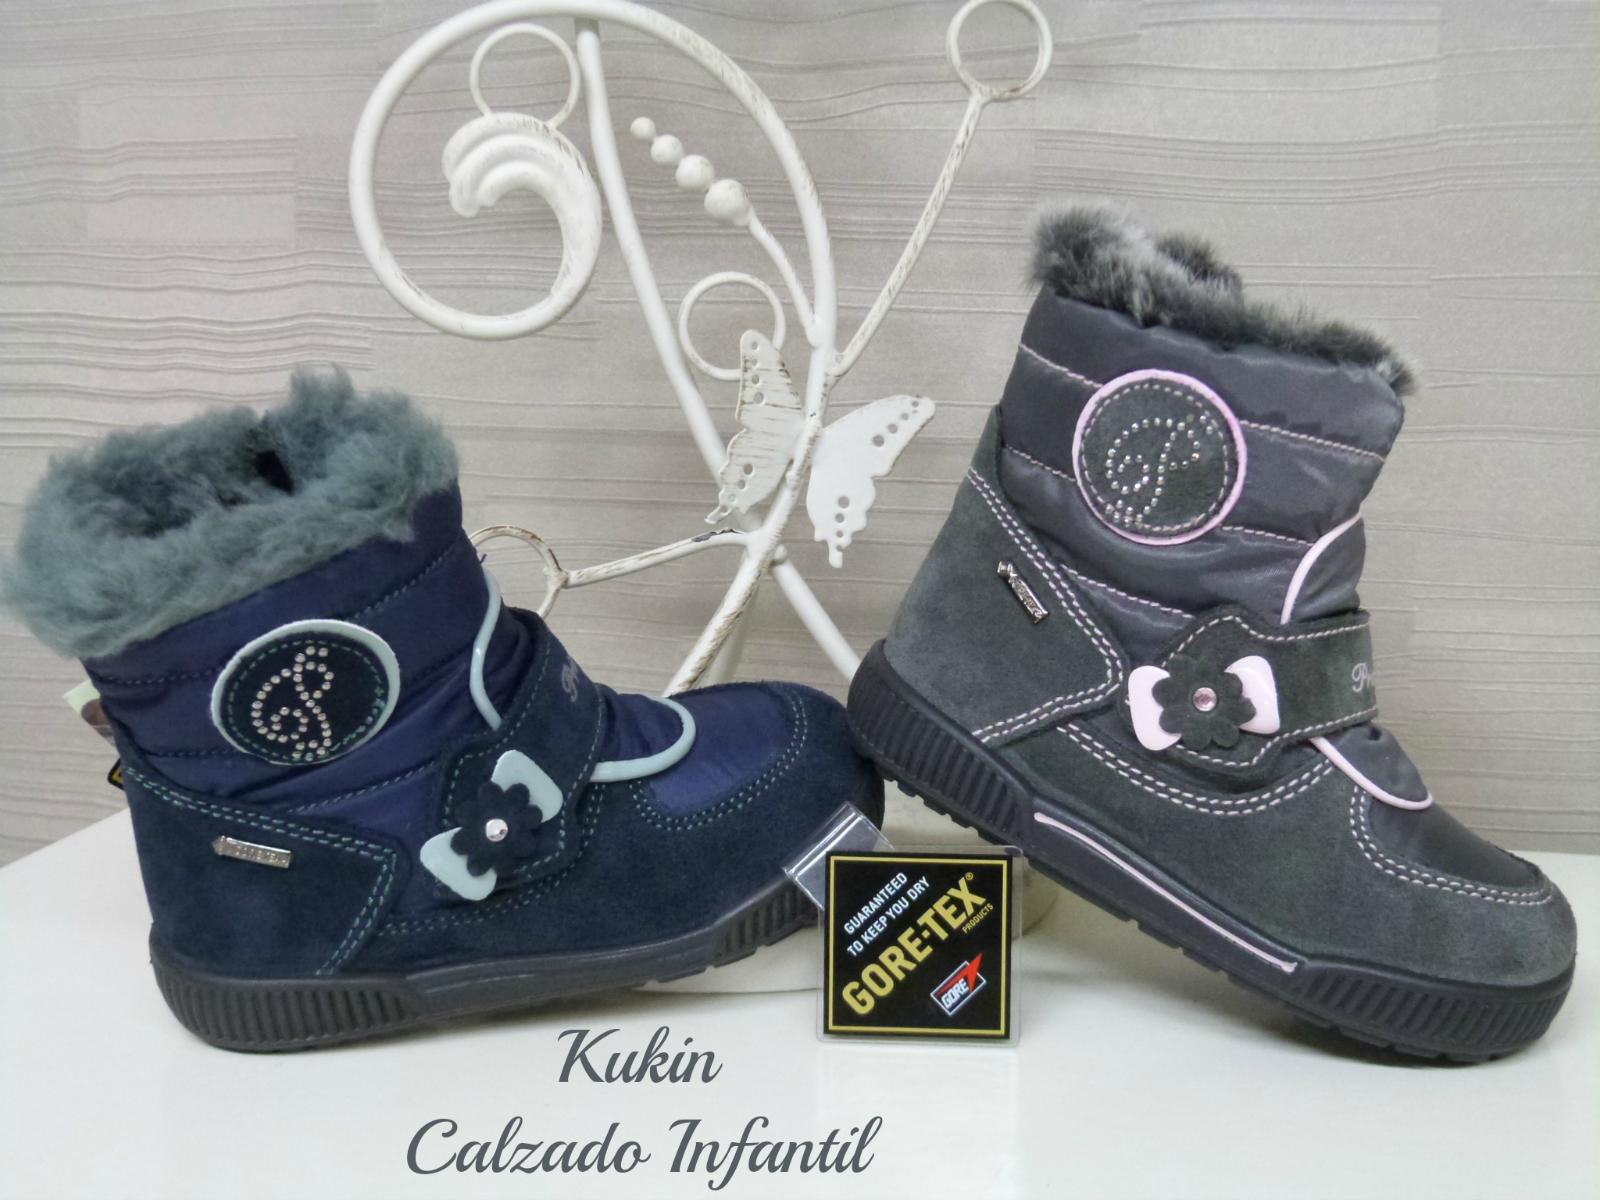 meteorito lengua Extracción  Calzado infantil de gore tex - Kukin Calzado Infantil Blog